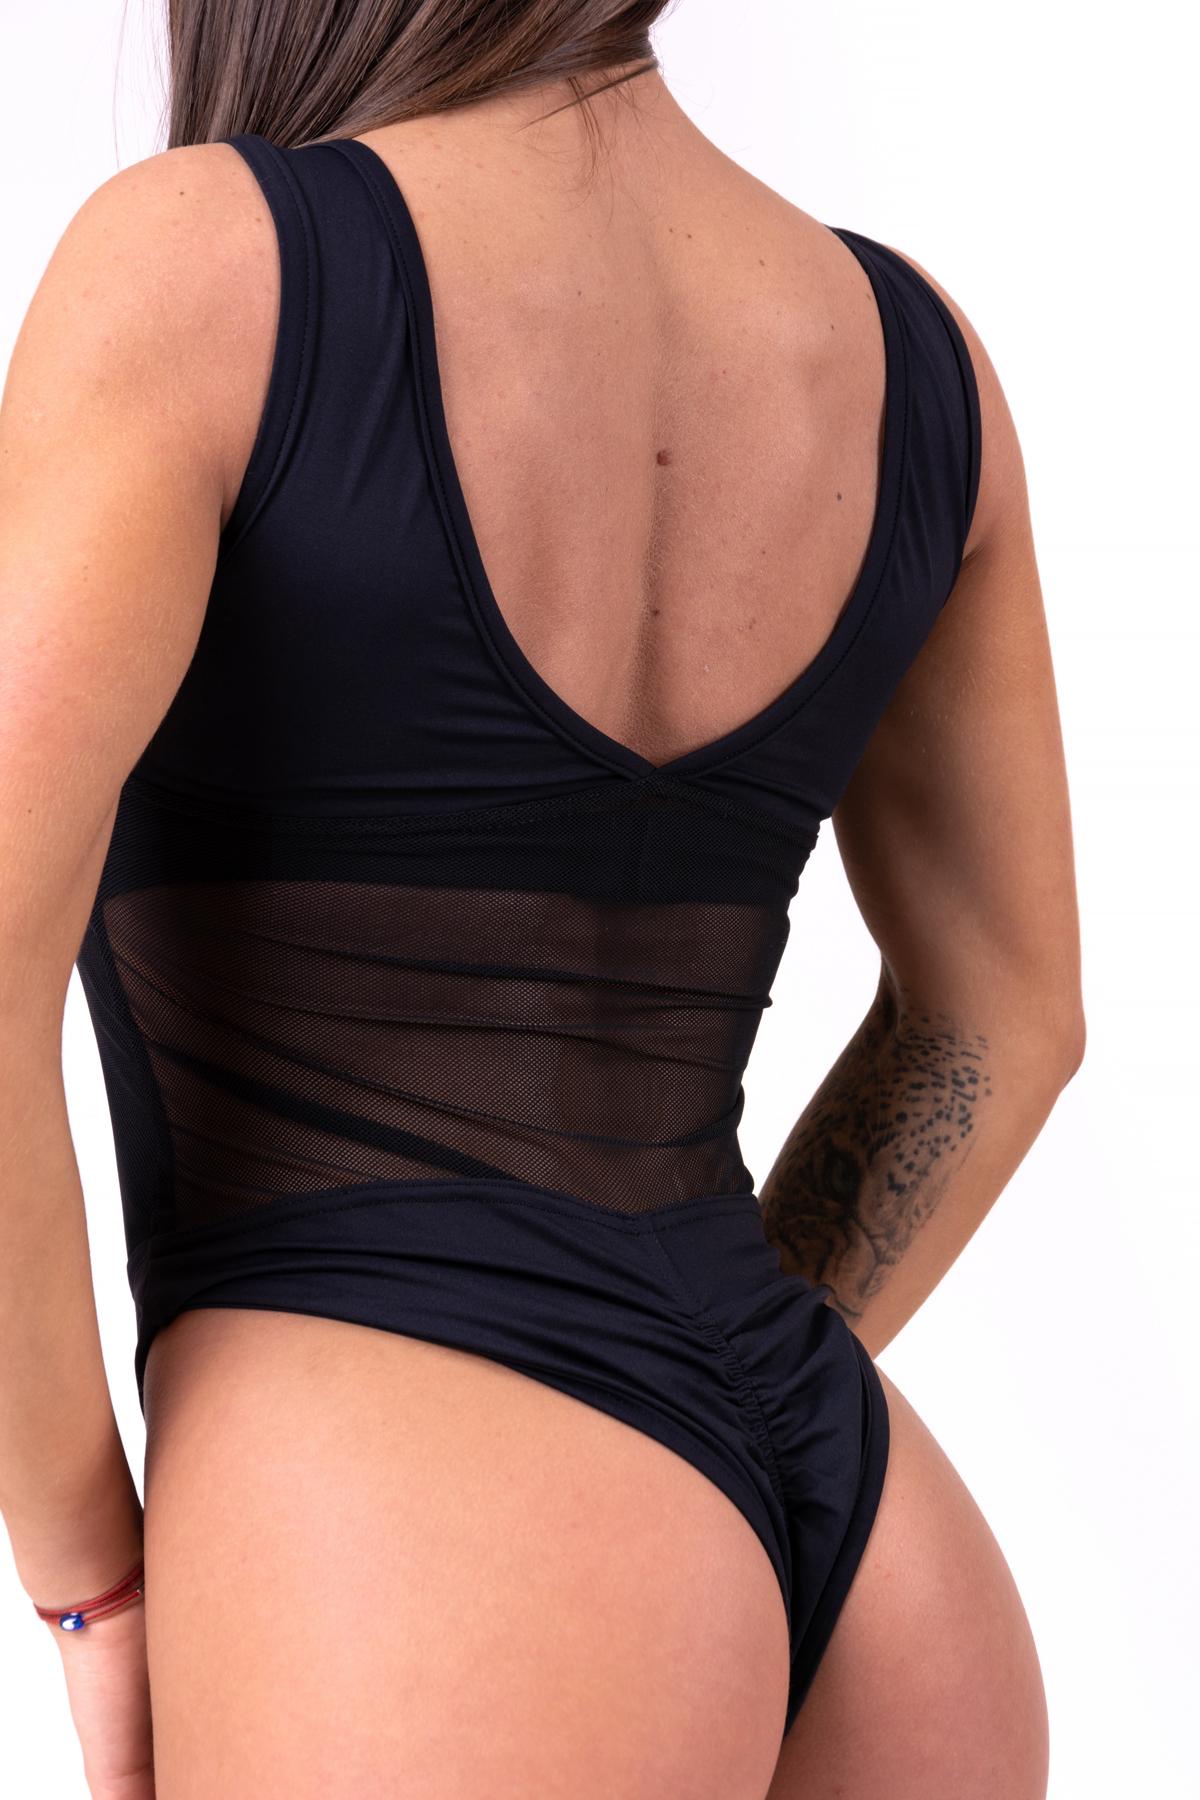 6f84366befff2 Купальник слитный Nebbia 674 black – купить в интернет-магазине ...